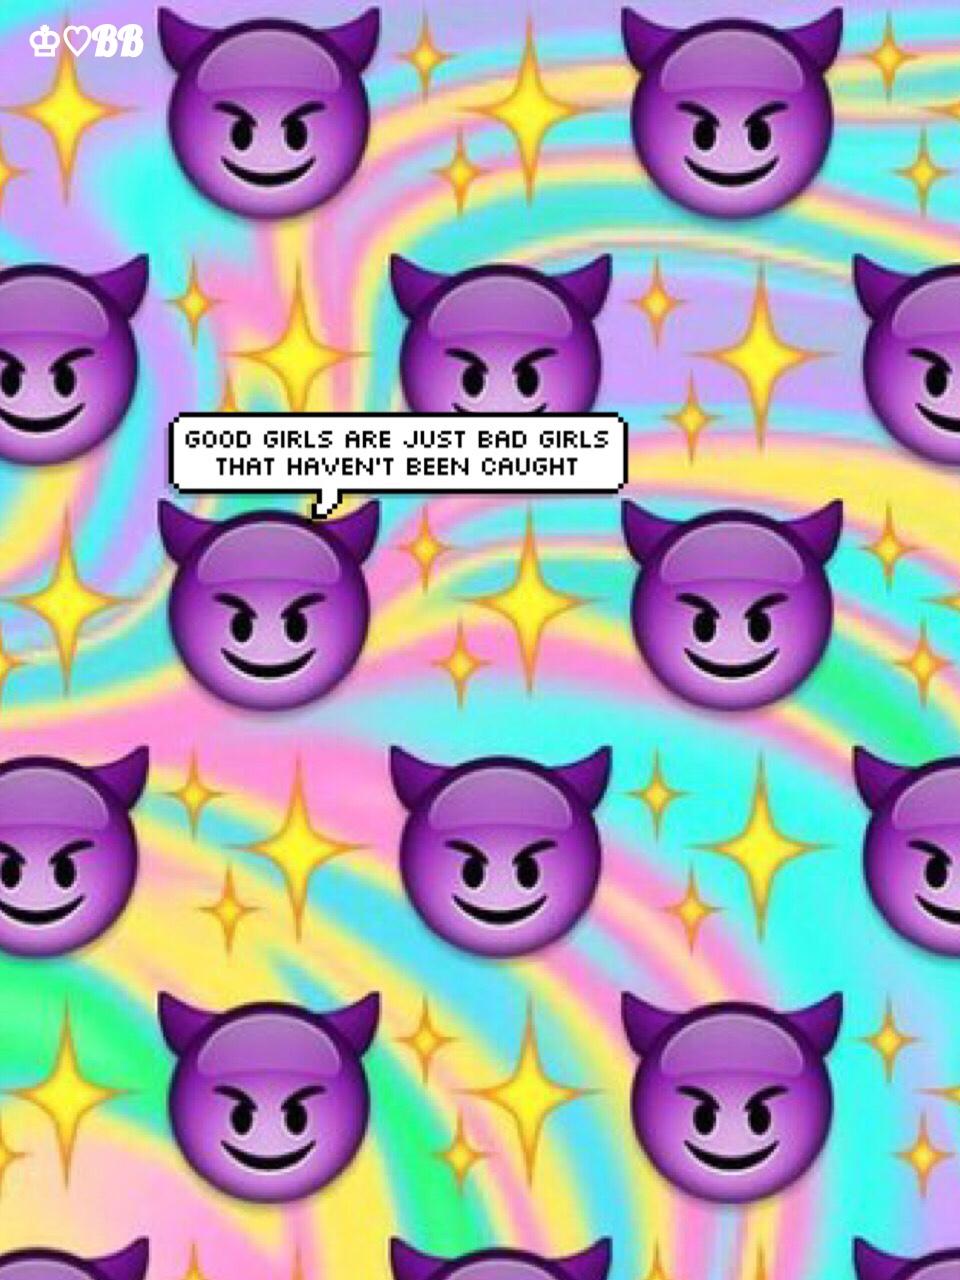 tumblr wallpaper dope gun emoji - photo #7